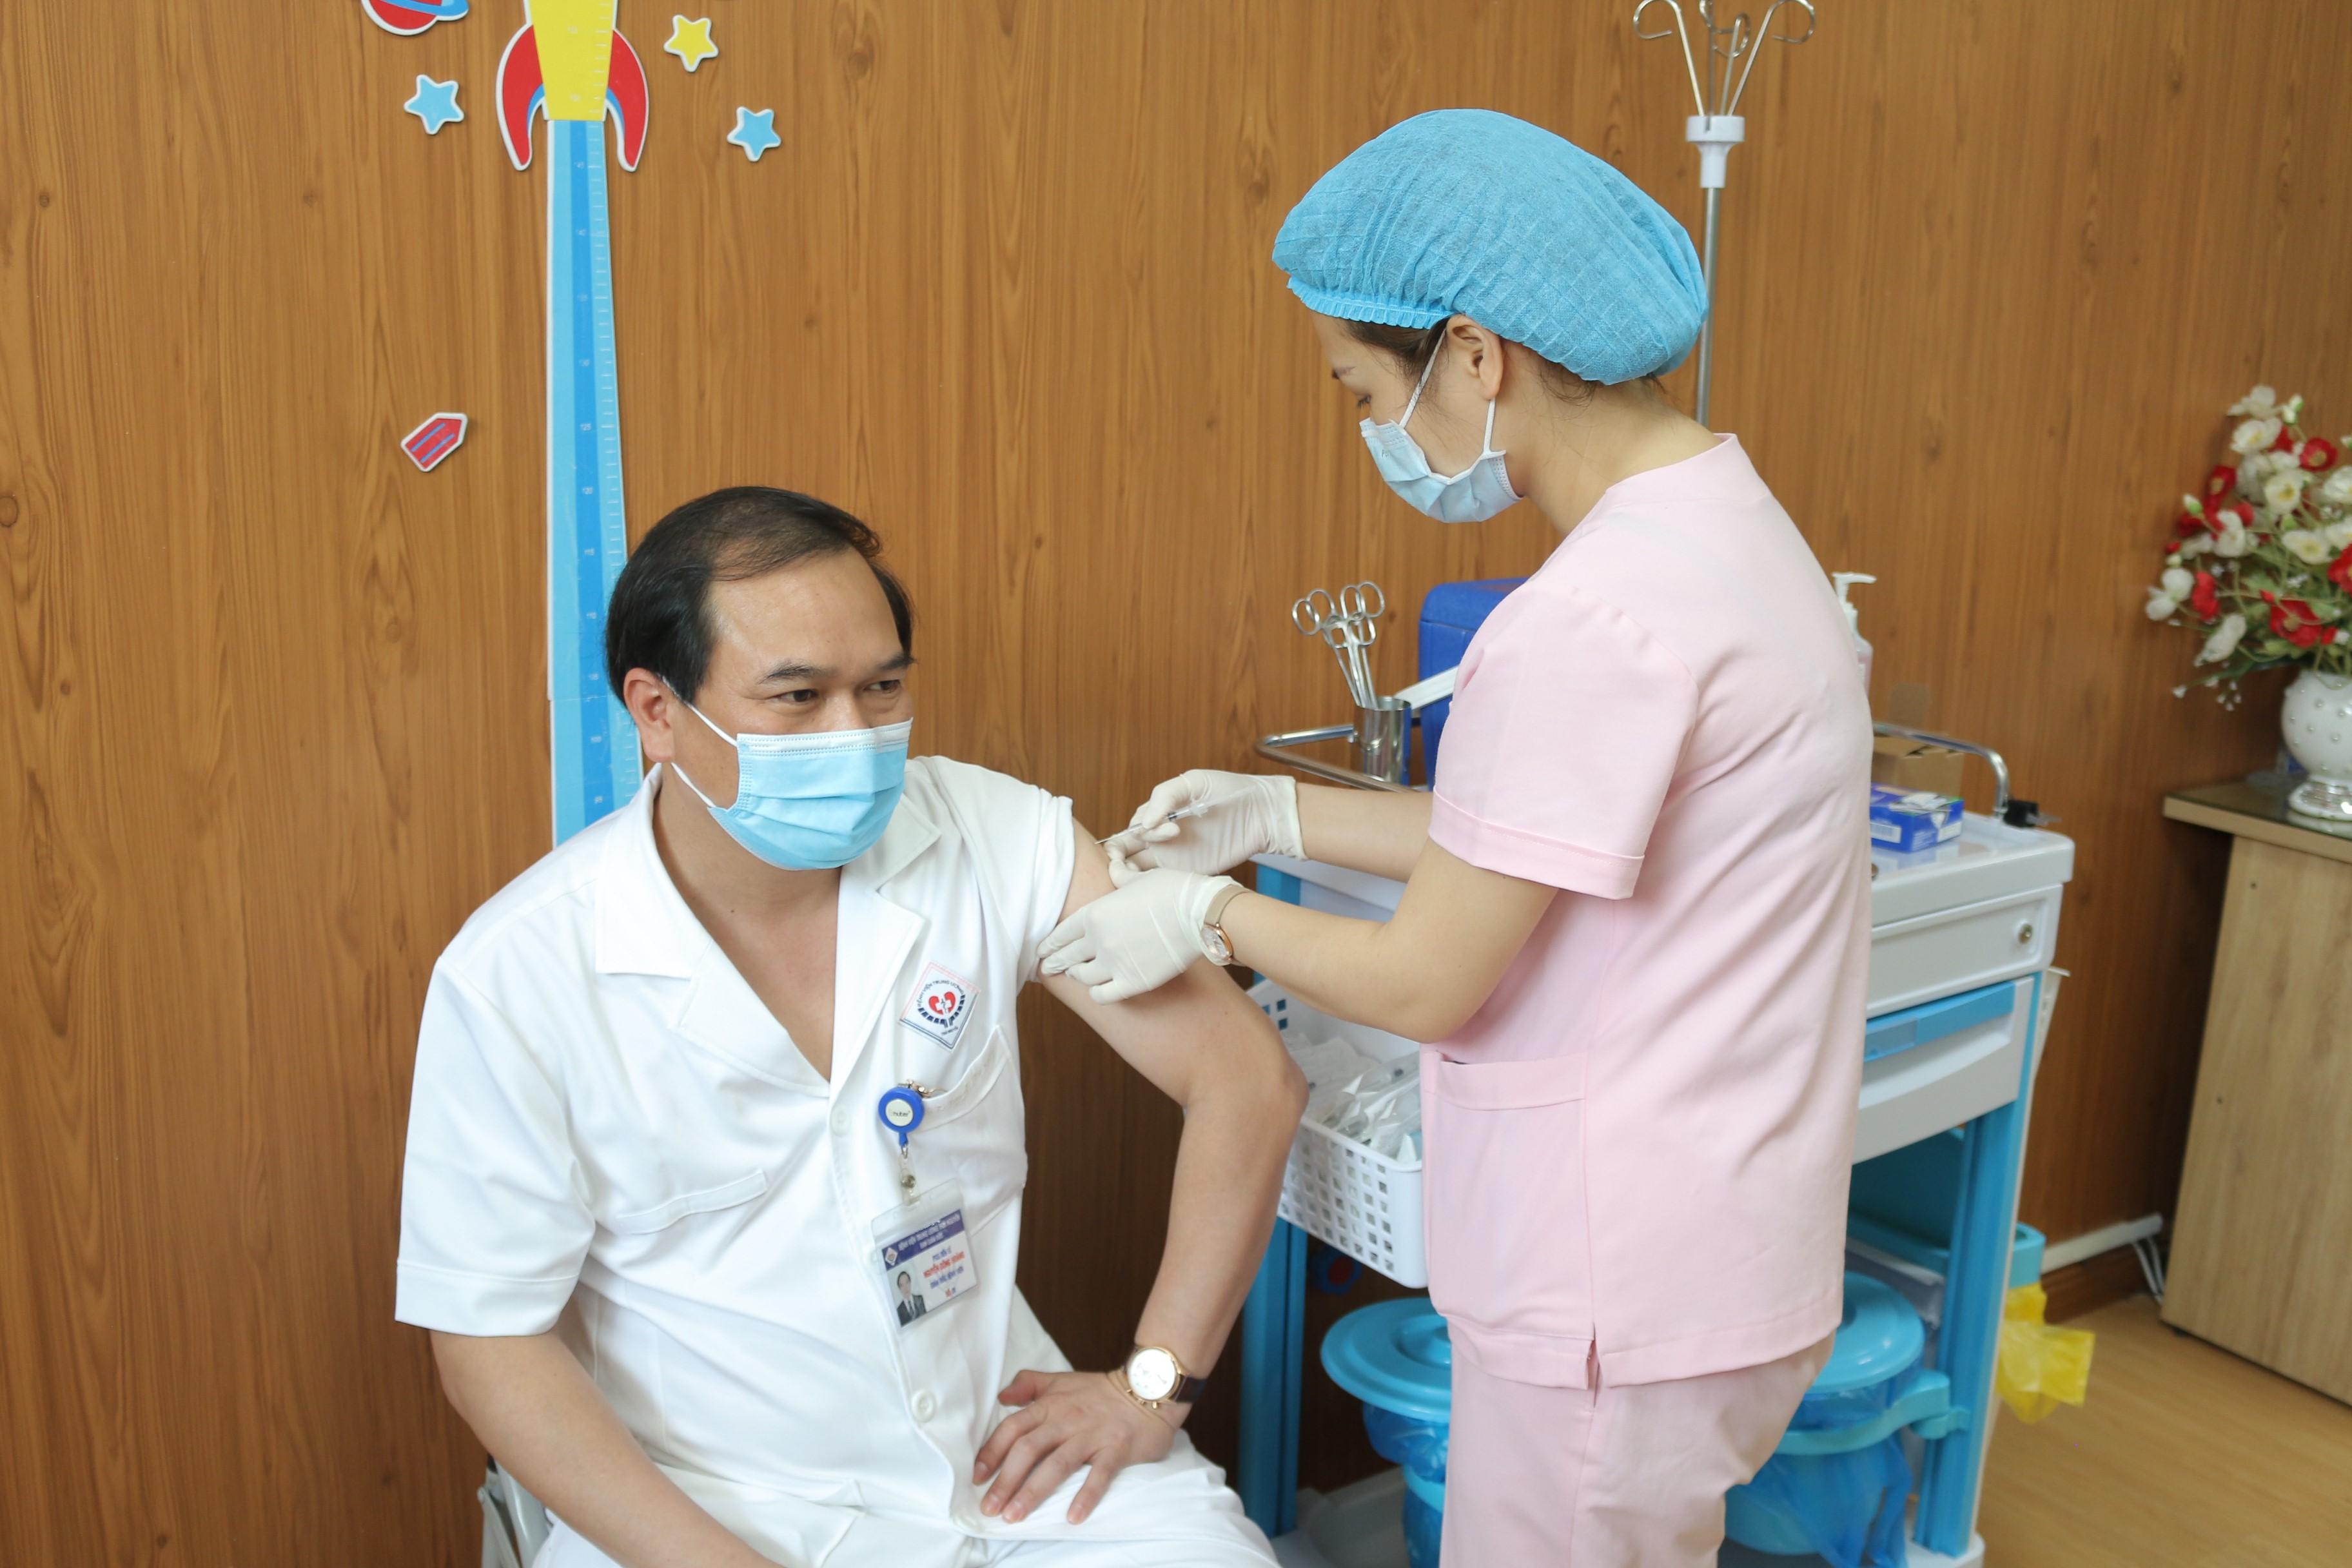 Bệnh viện Trung ương Thái Nguyên: Đơn vị đầu tiên của tỉnh Thái Nguyên tổ chức tiêm Vắc xin